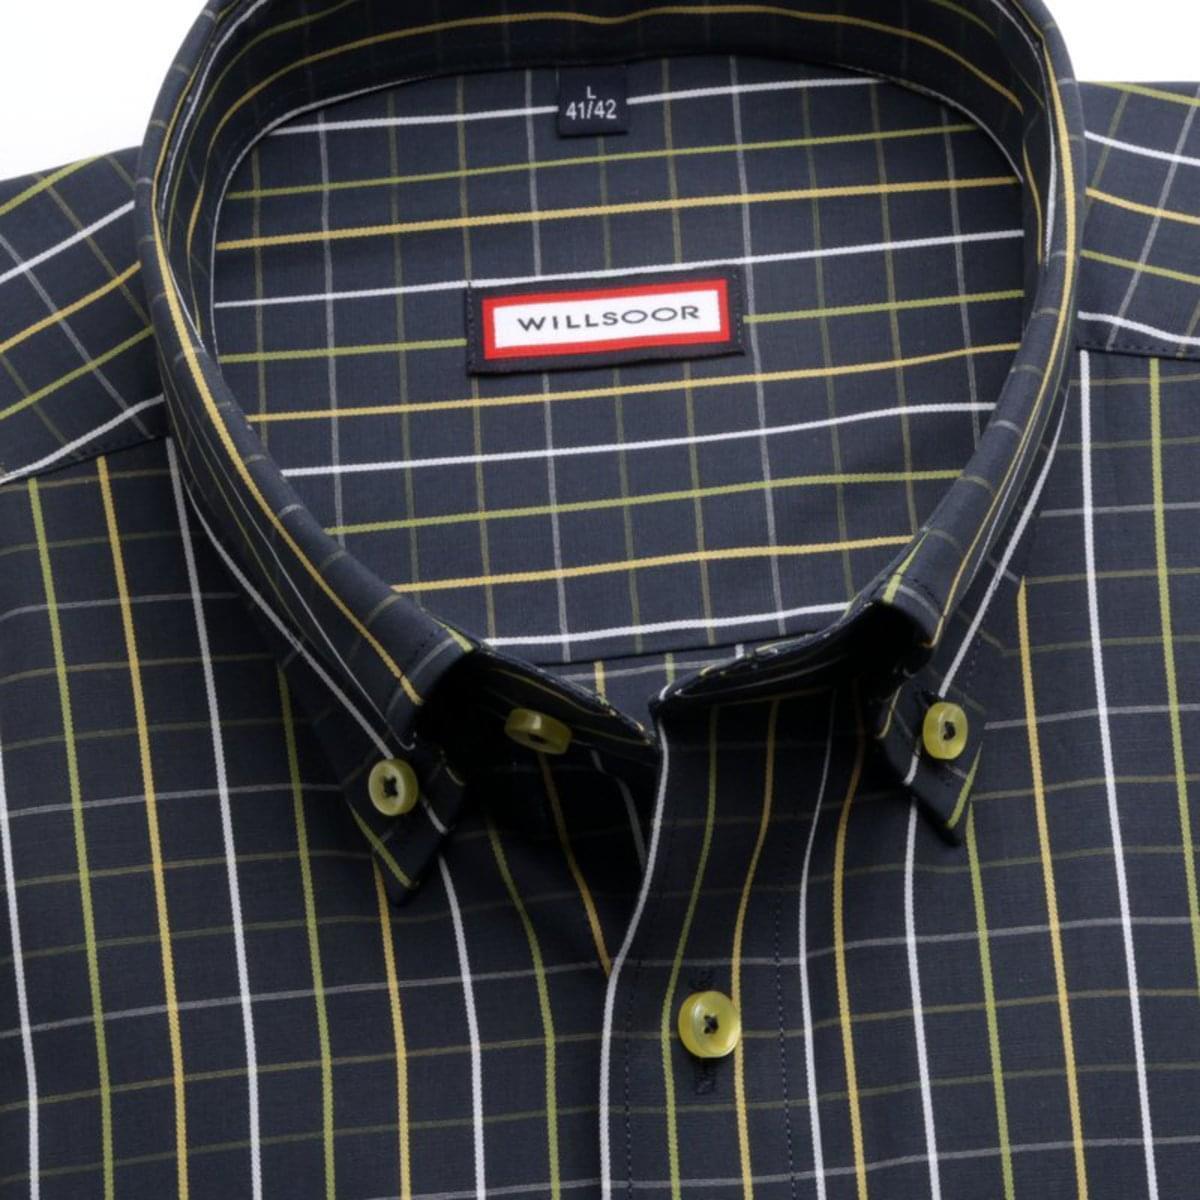 Pánska klasická košeľa (výška 176-182) 7363 v modré farbe 176-182 / XL (43/44)